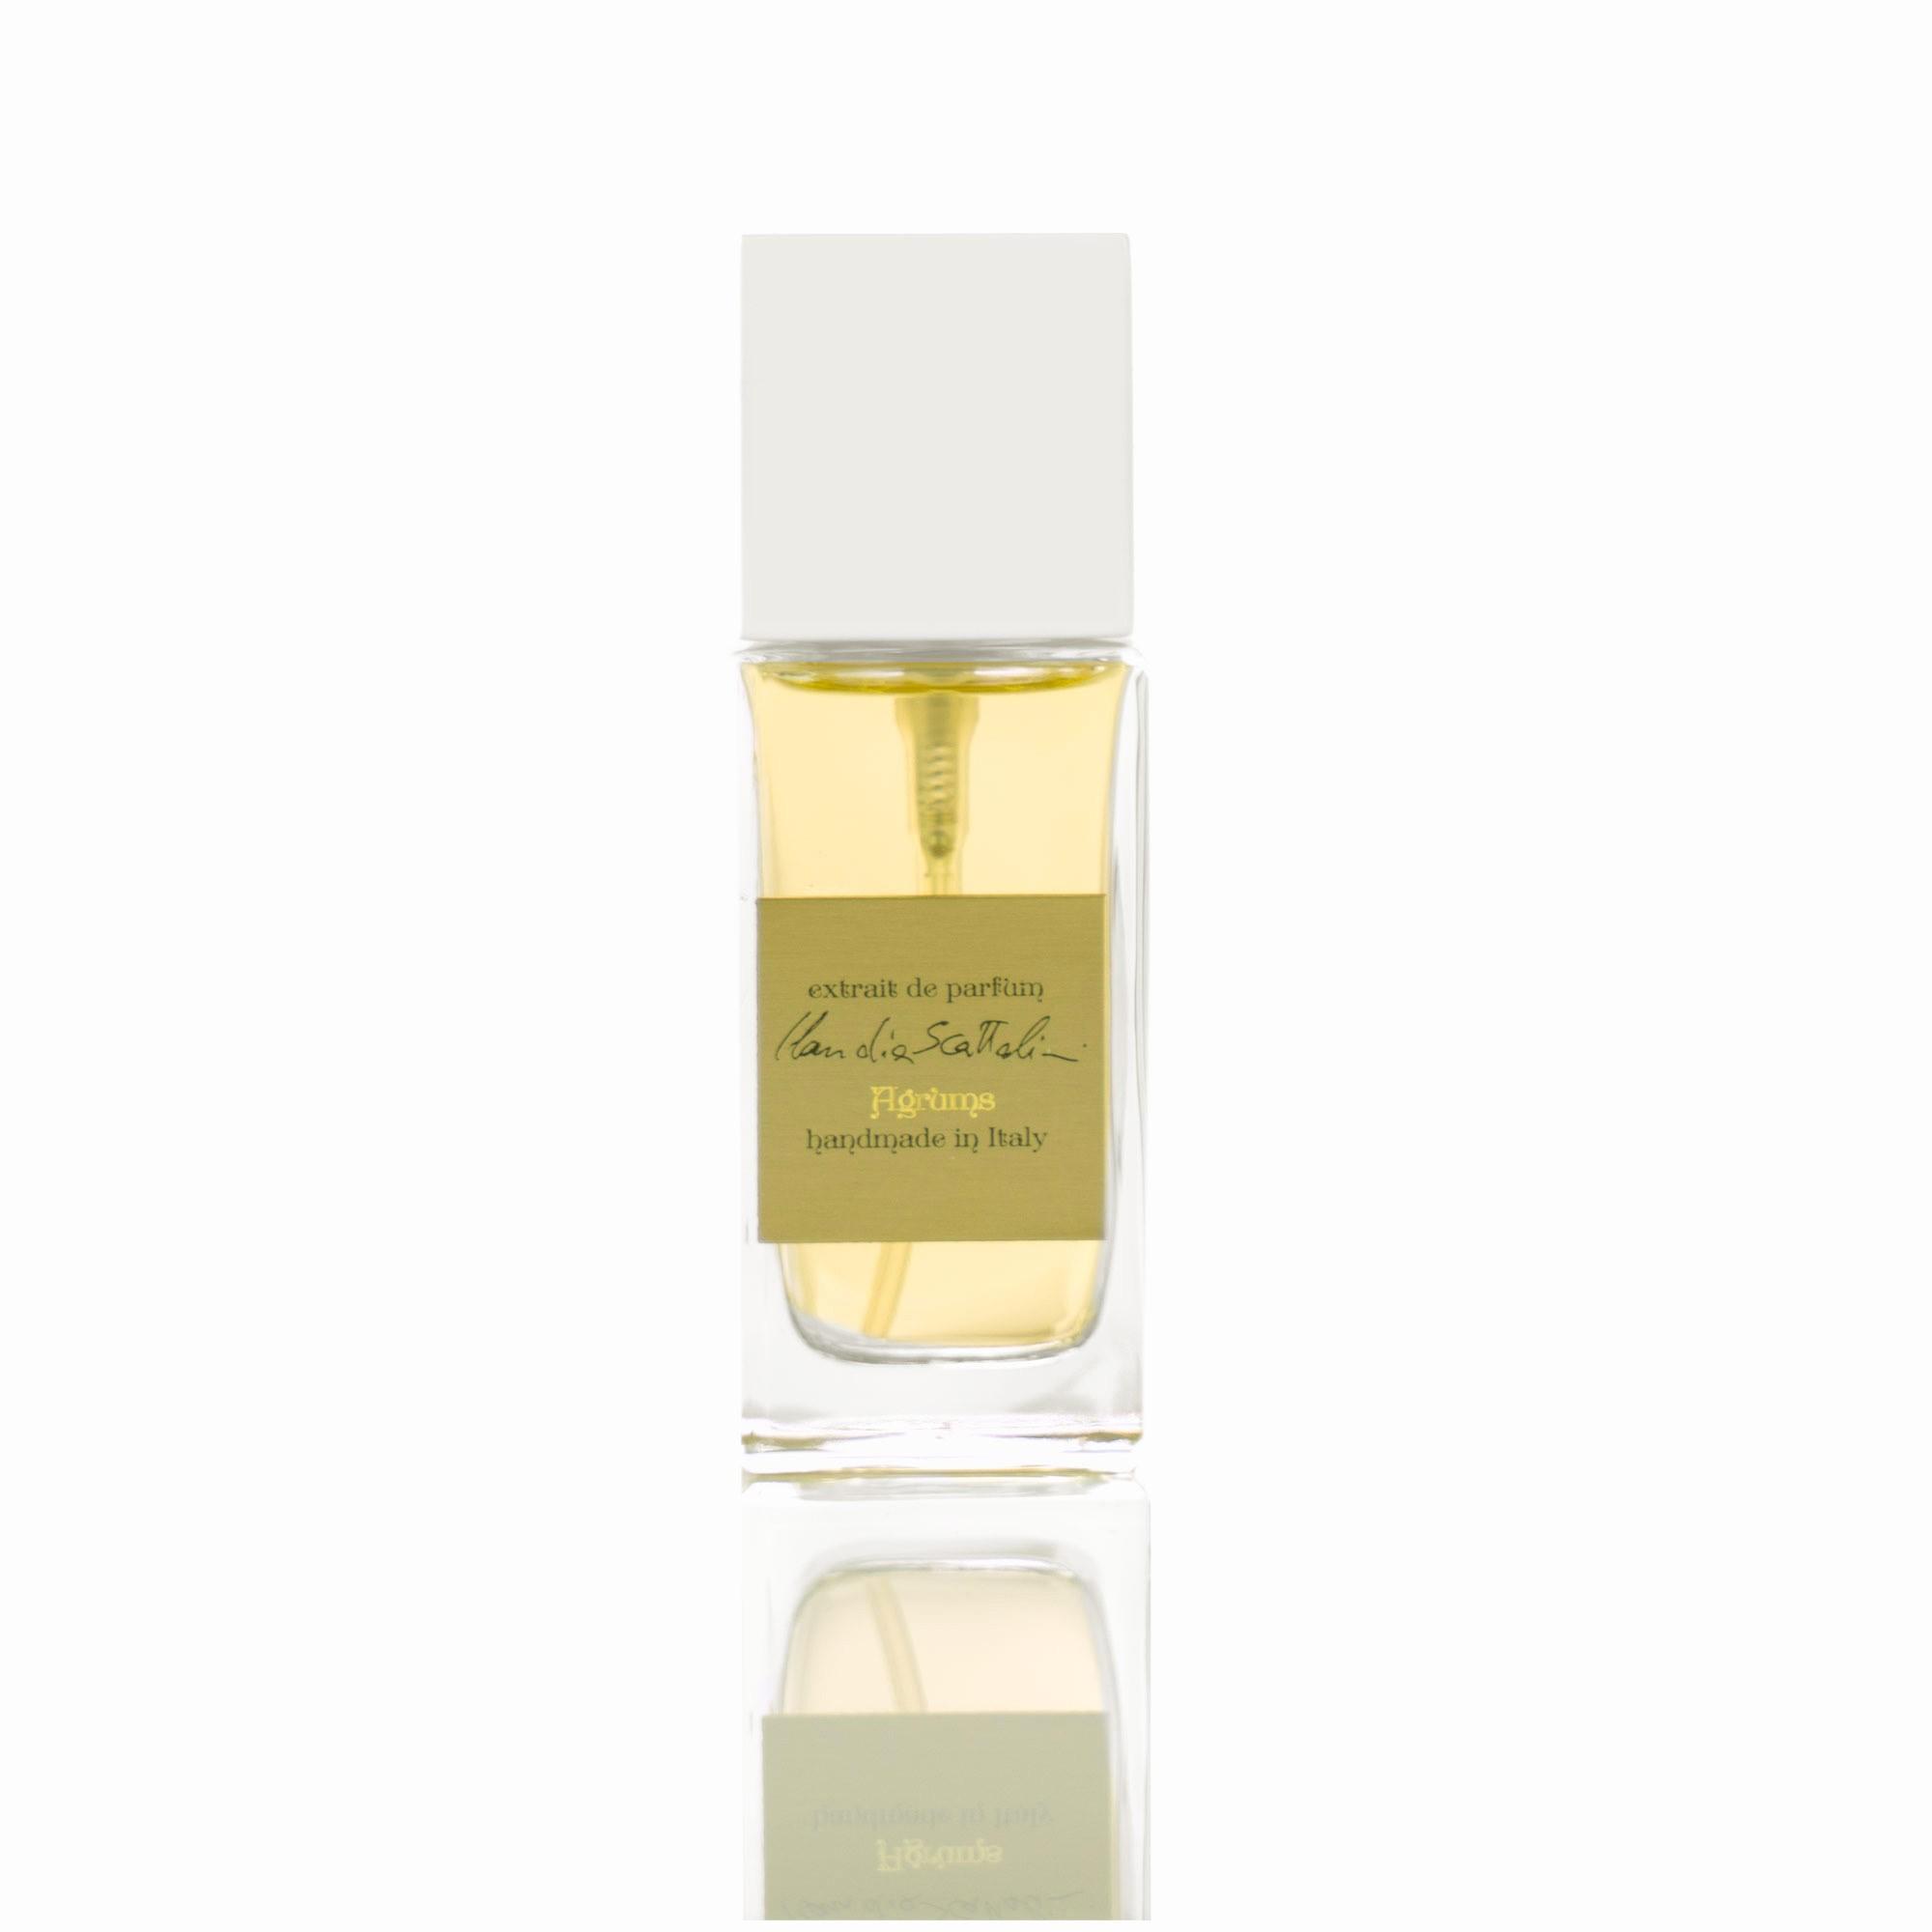 AGRUMS Extrait De Parfum